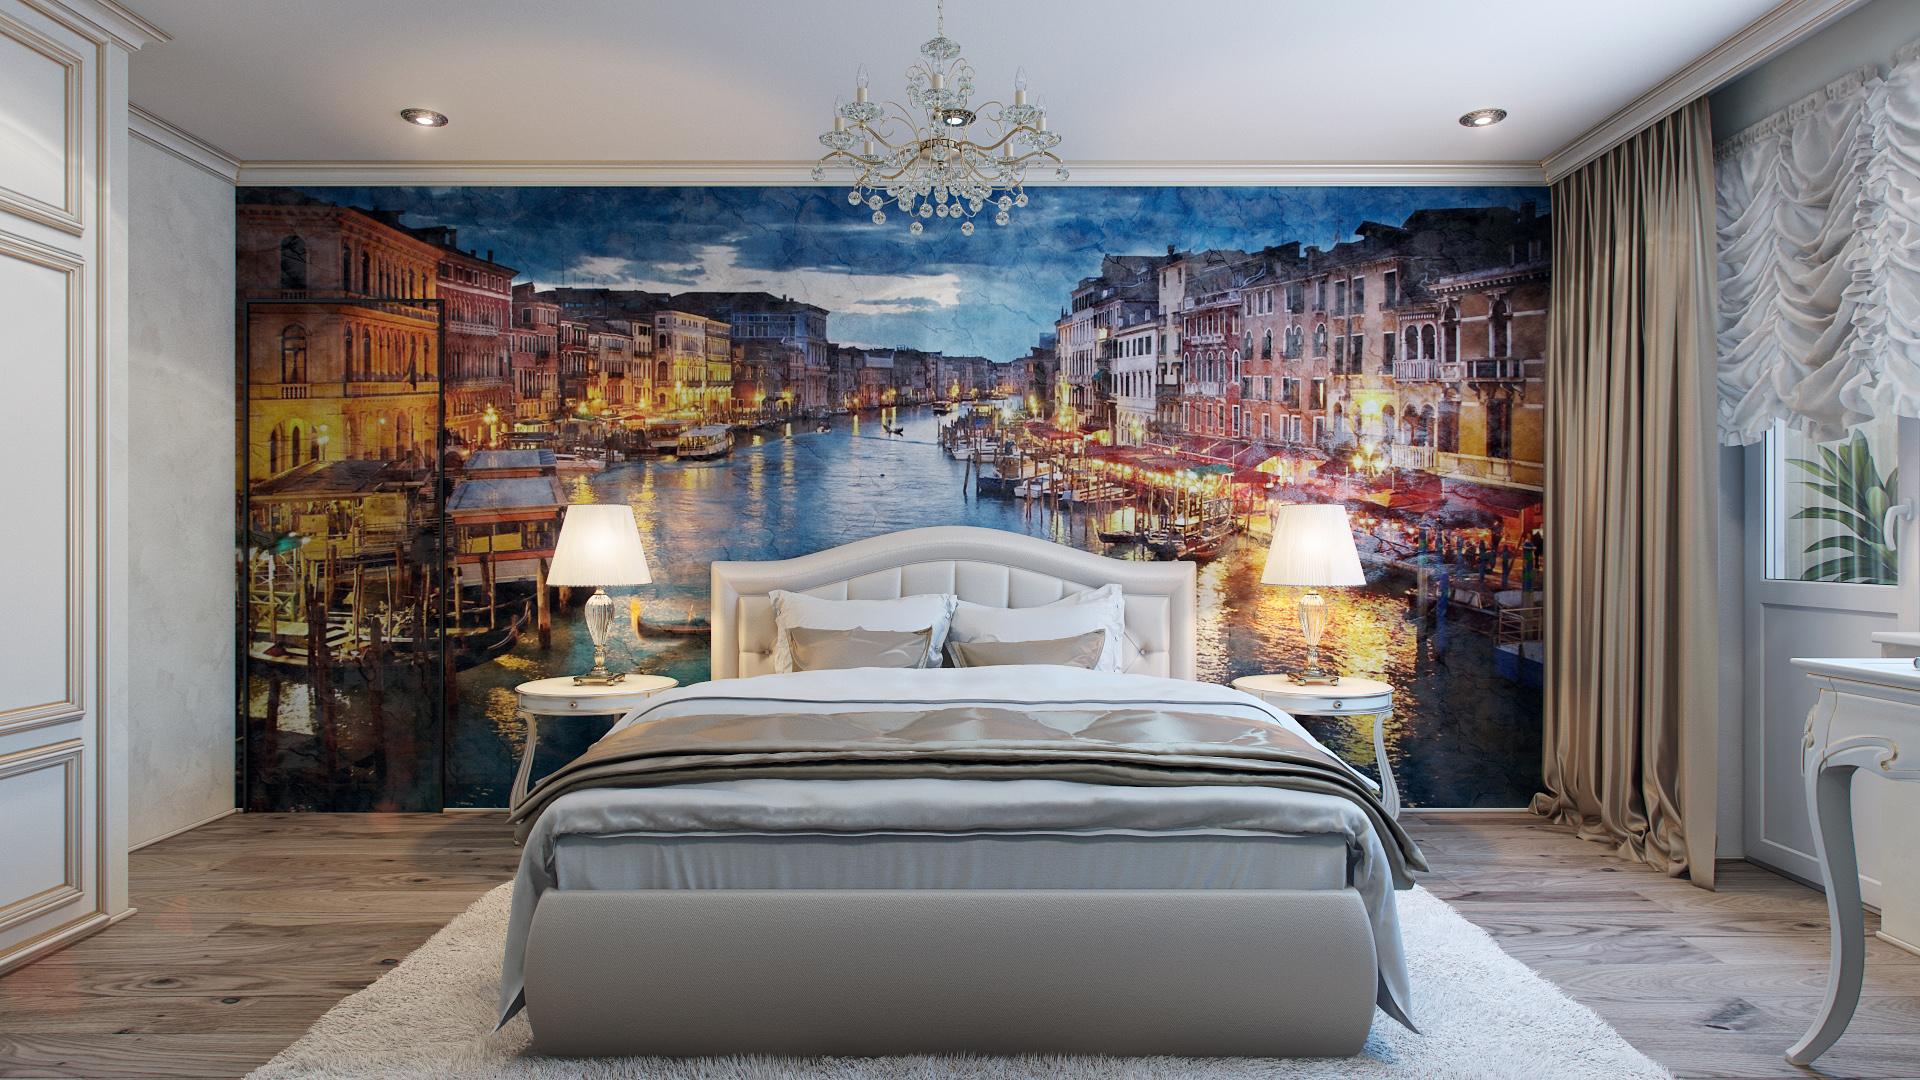 Фотообои с изображением старого ночного города над кроватью в спальне